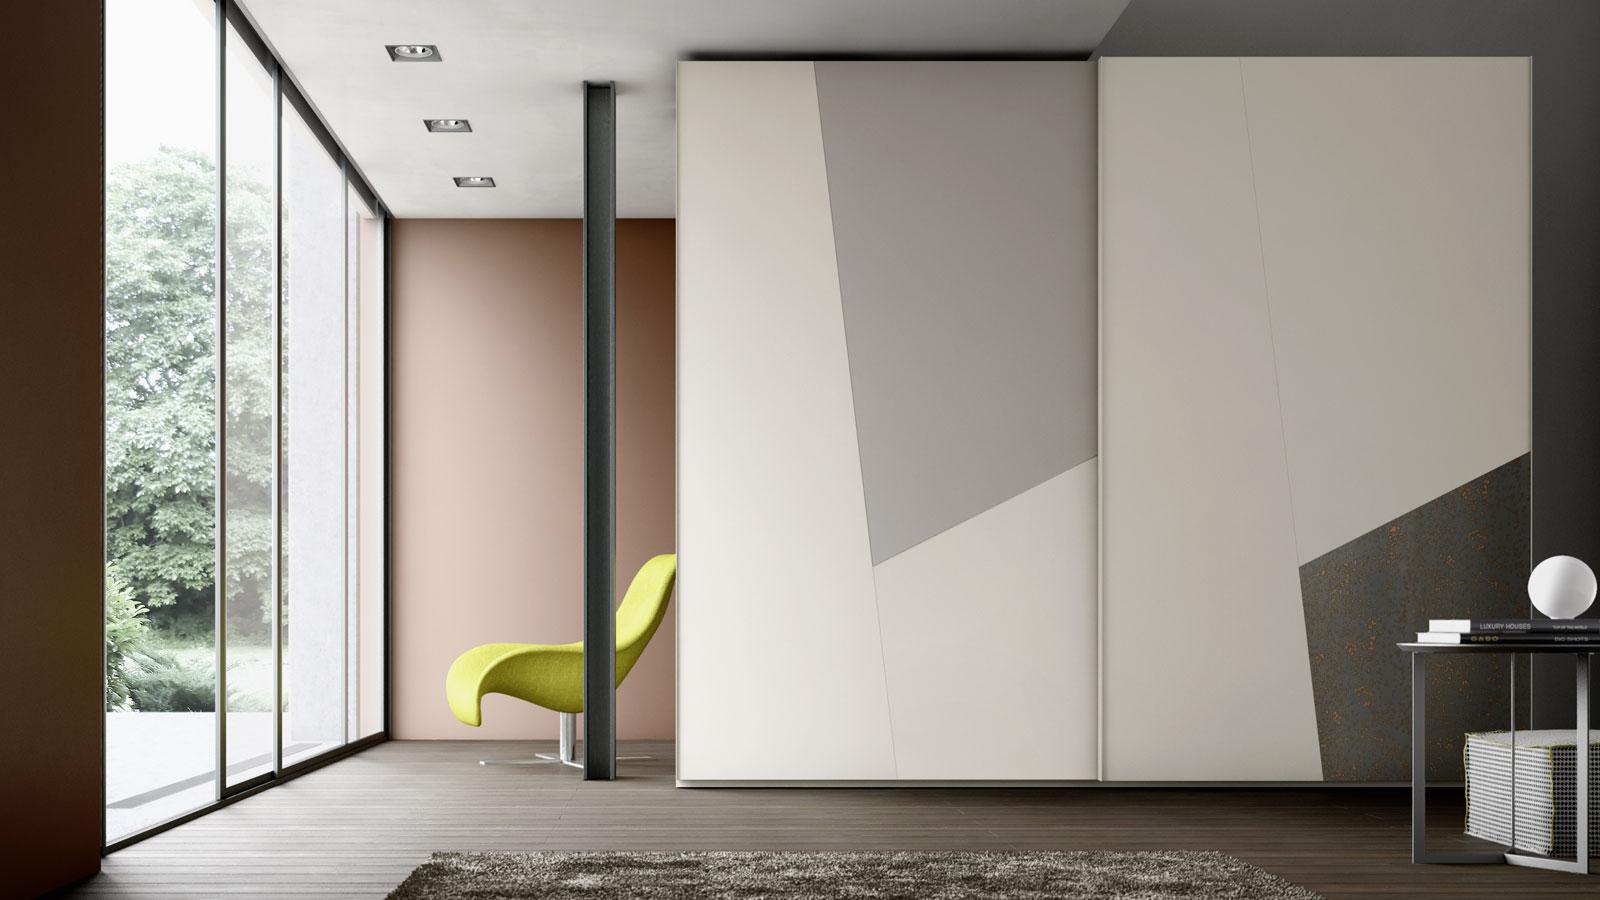 Arredamento zona giorno e zona notte di design orme - Armadi design moderno ...